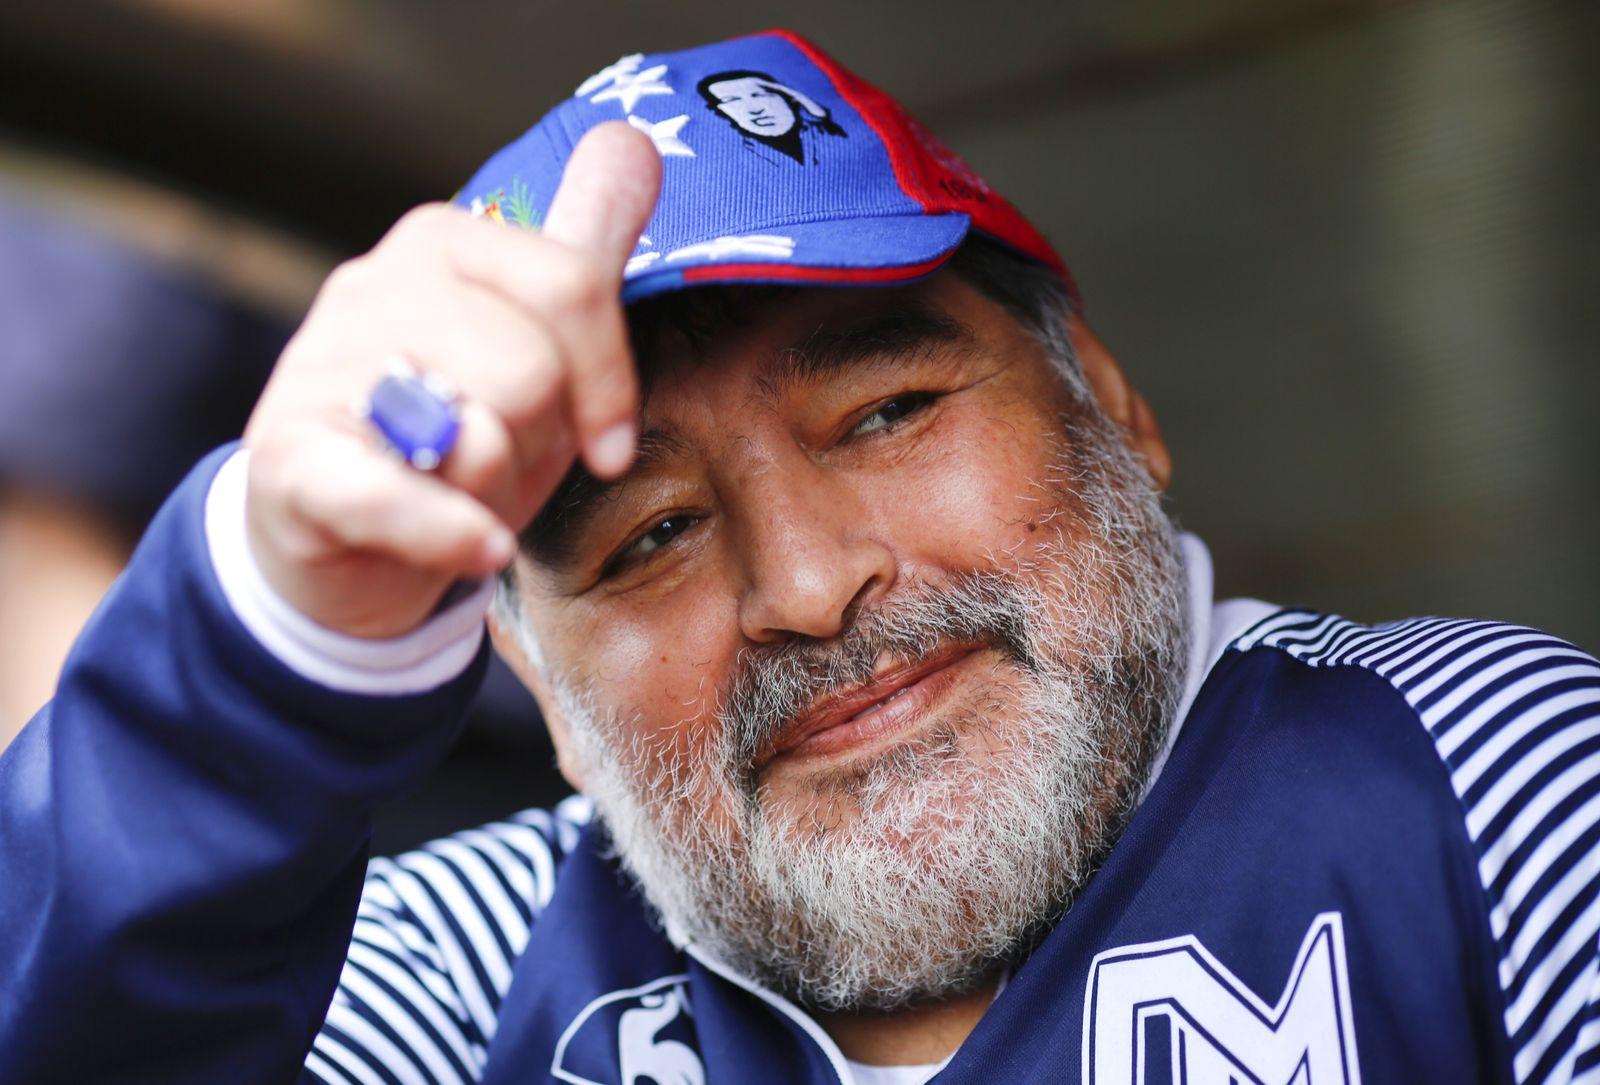 Diego Maradona la Plata